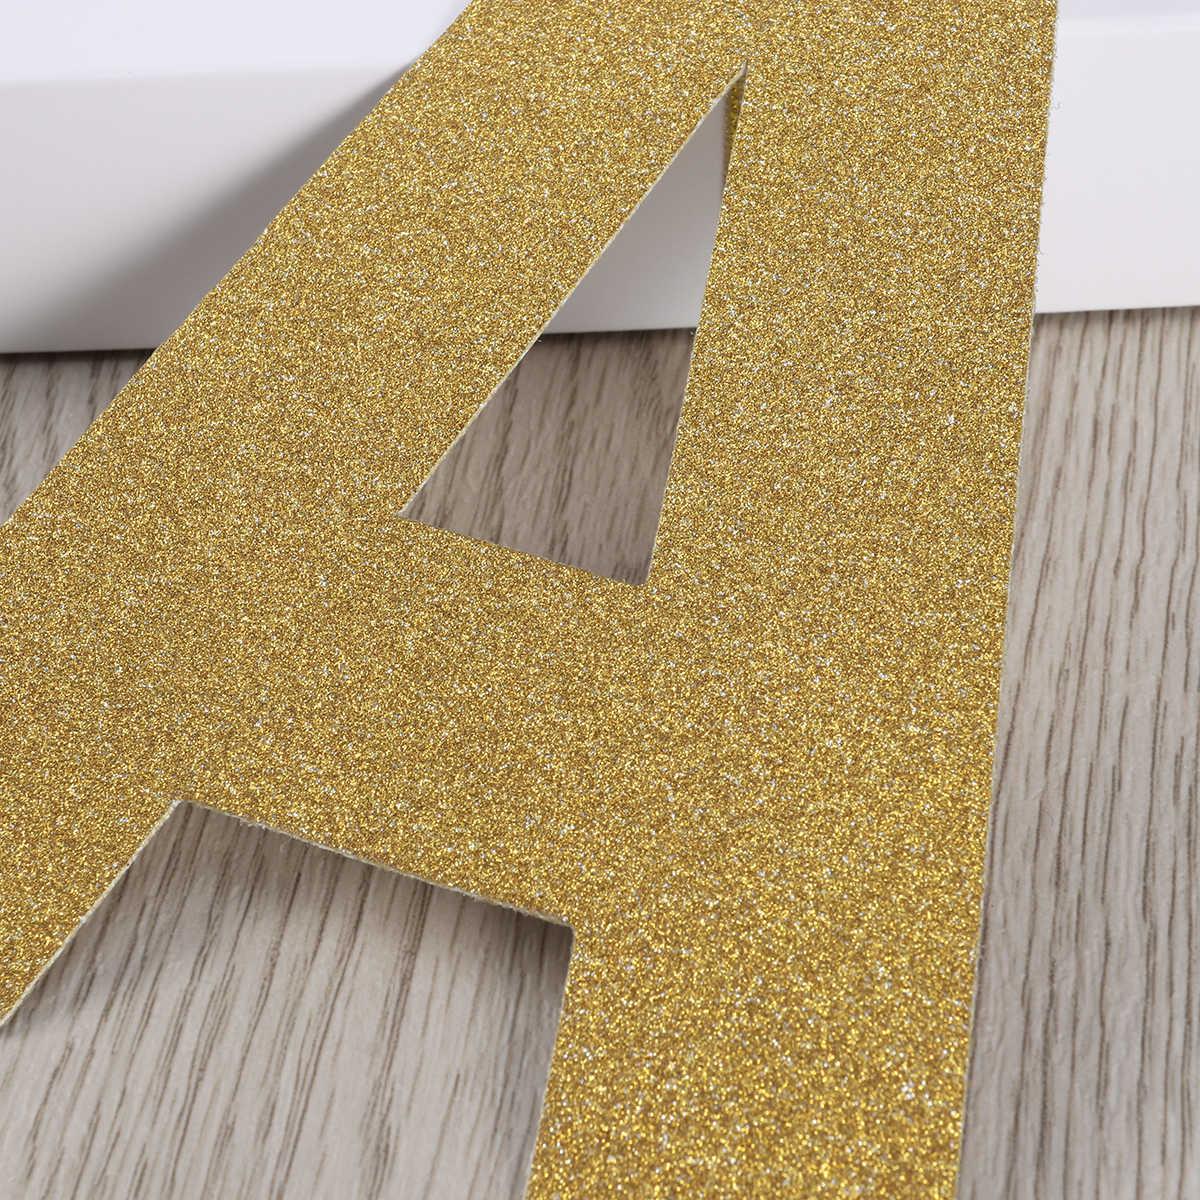 3 Meters Hanya Menikah Huruf & Desain Cincin Gemerlapnya Kertas Spanduk Bunting Garland Properti Foto Booth Alat Peraga untuk Dekorasi Pernikahan